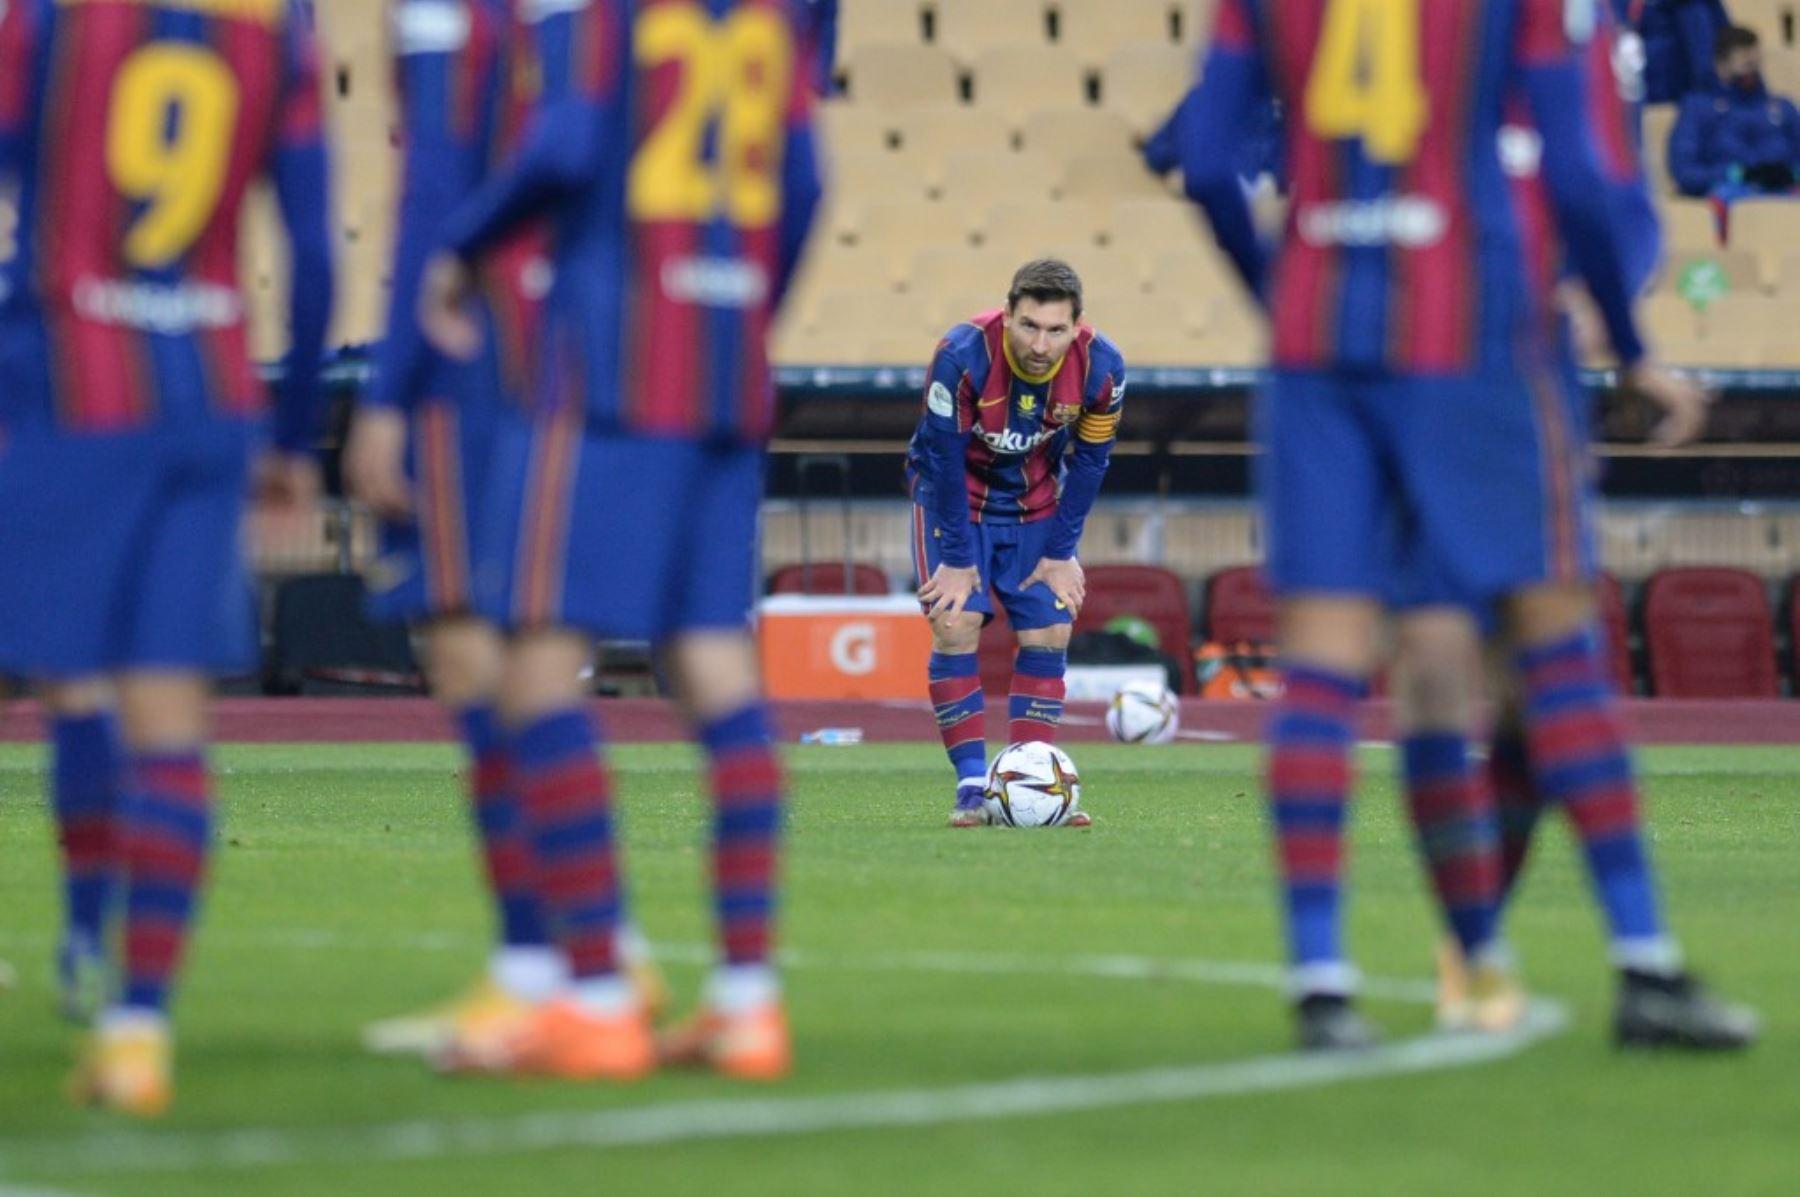 athletic-gana-al-barcelona-y-se-lleva-la-supercopa-messi-expulsado